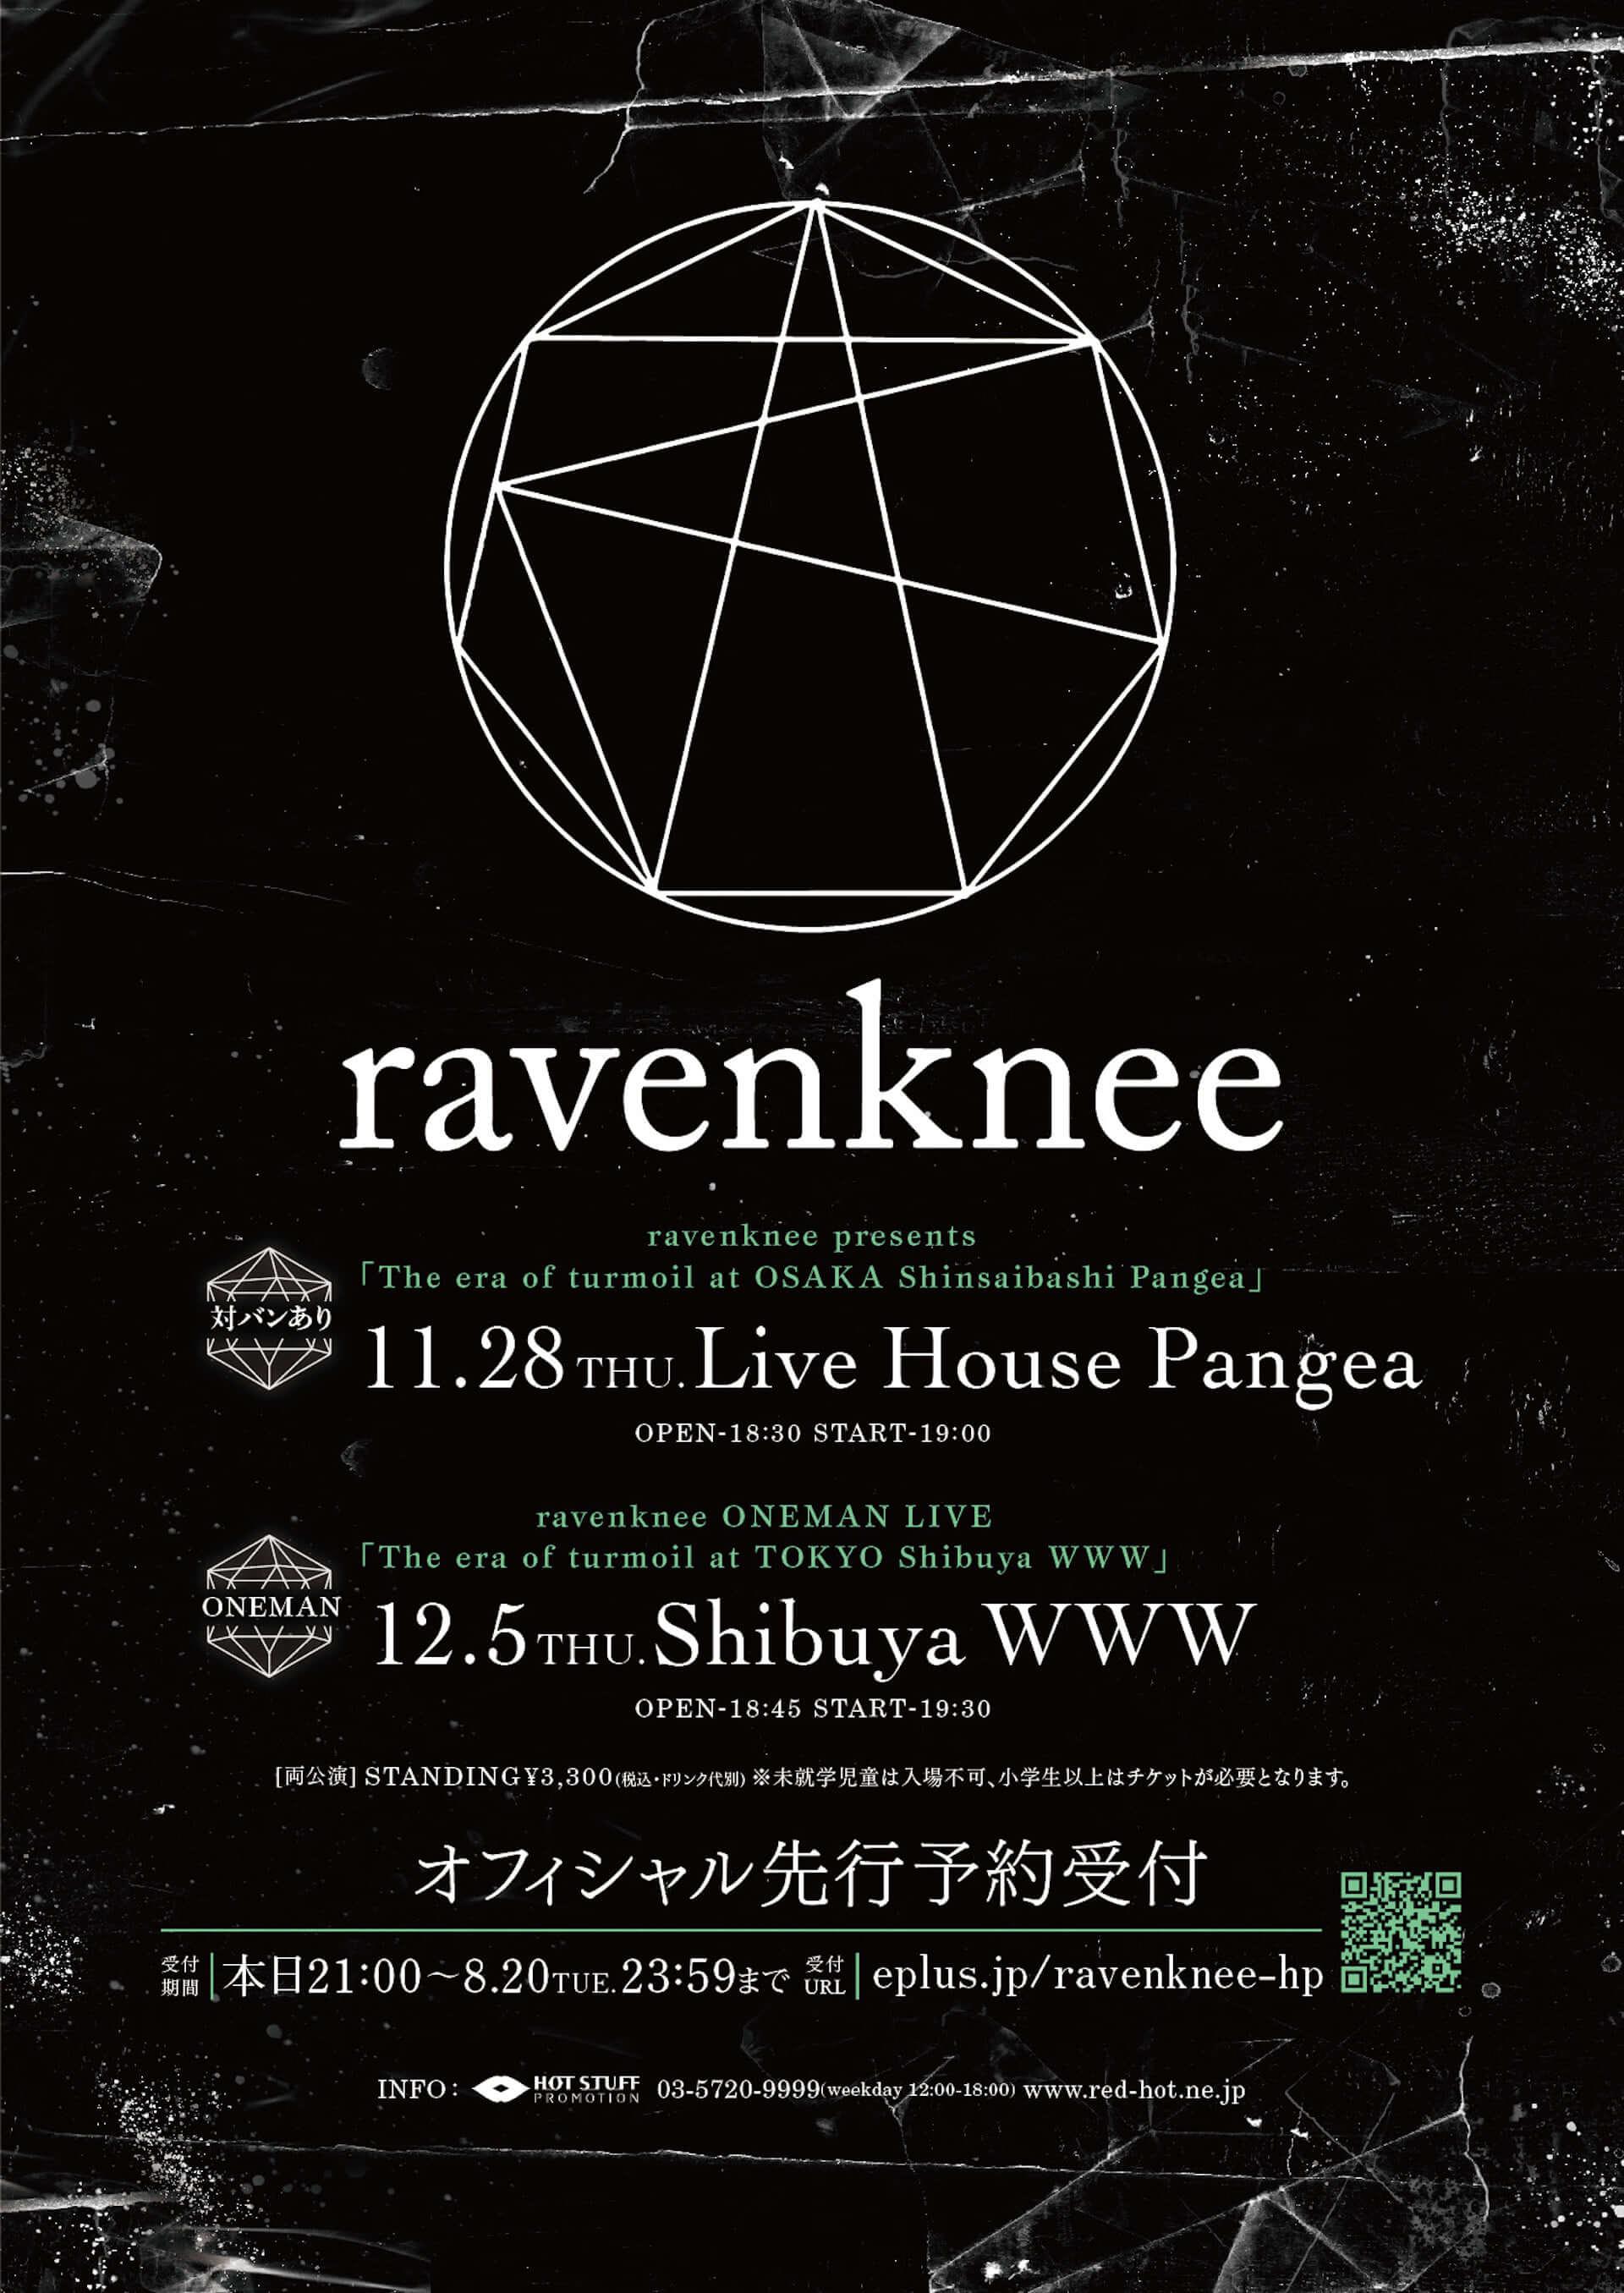 ravenknee、初のフルアルバム『the EAR』10月発売決定|東京・大阪にてリリース記念ライブ開催 music190813ravenknee_2-1920x2711